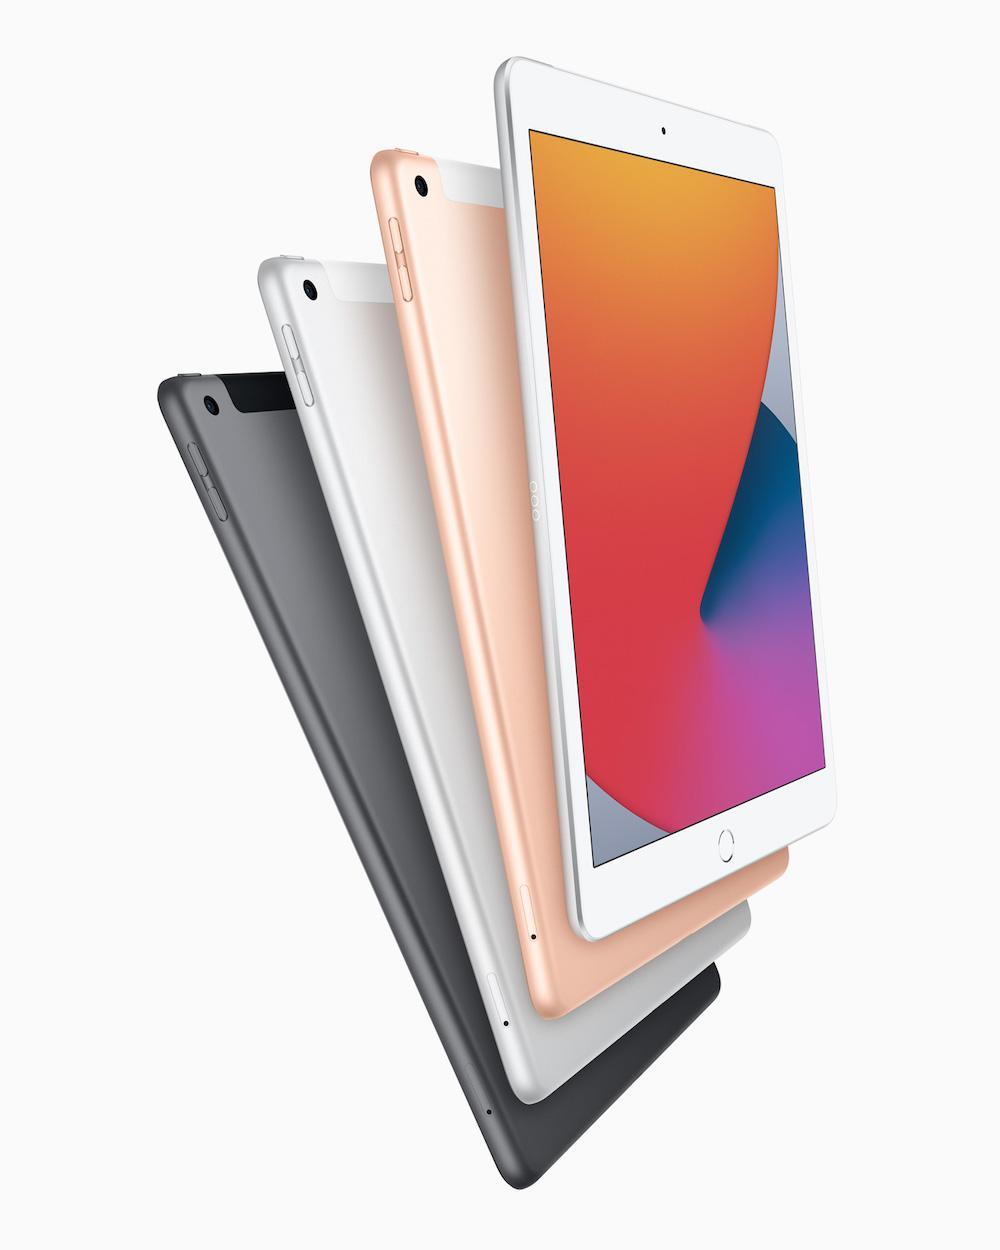 Apple iPad 8th Gen 2020 Colors